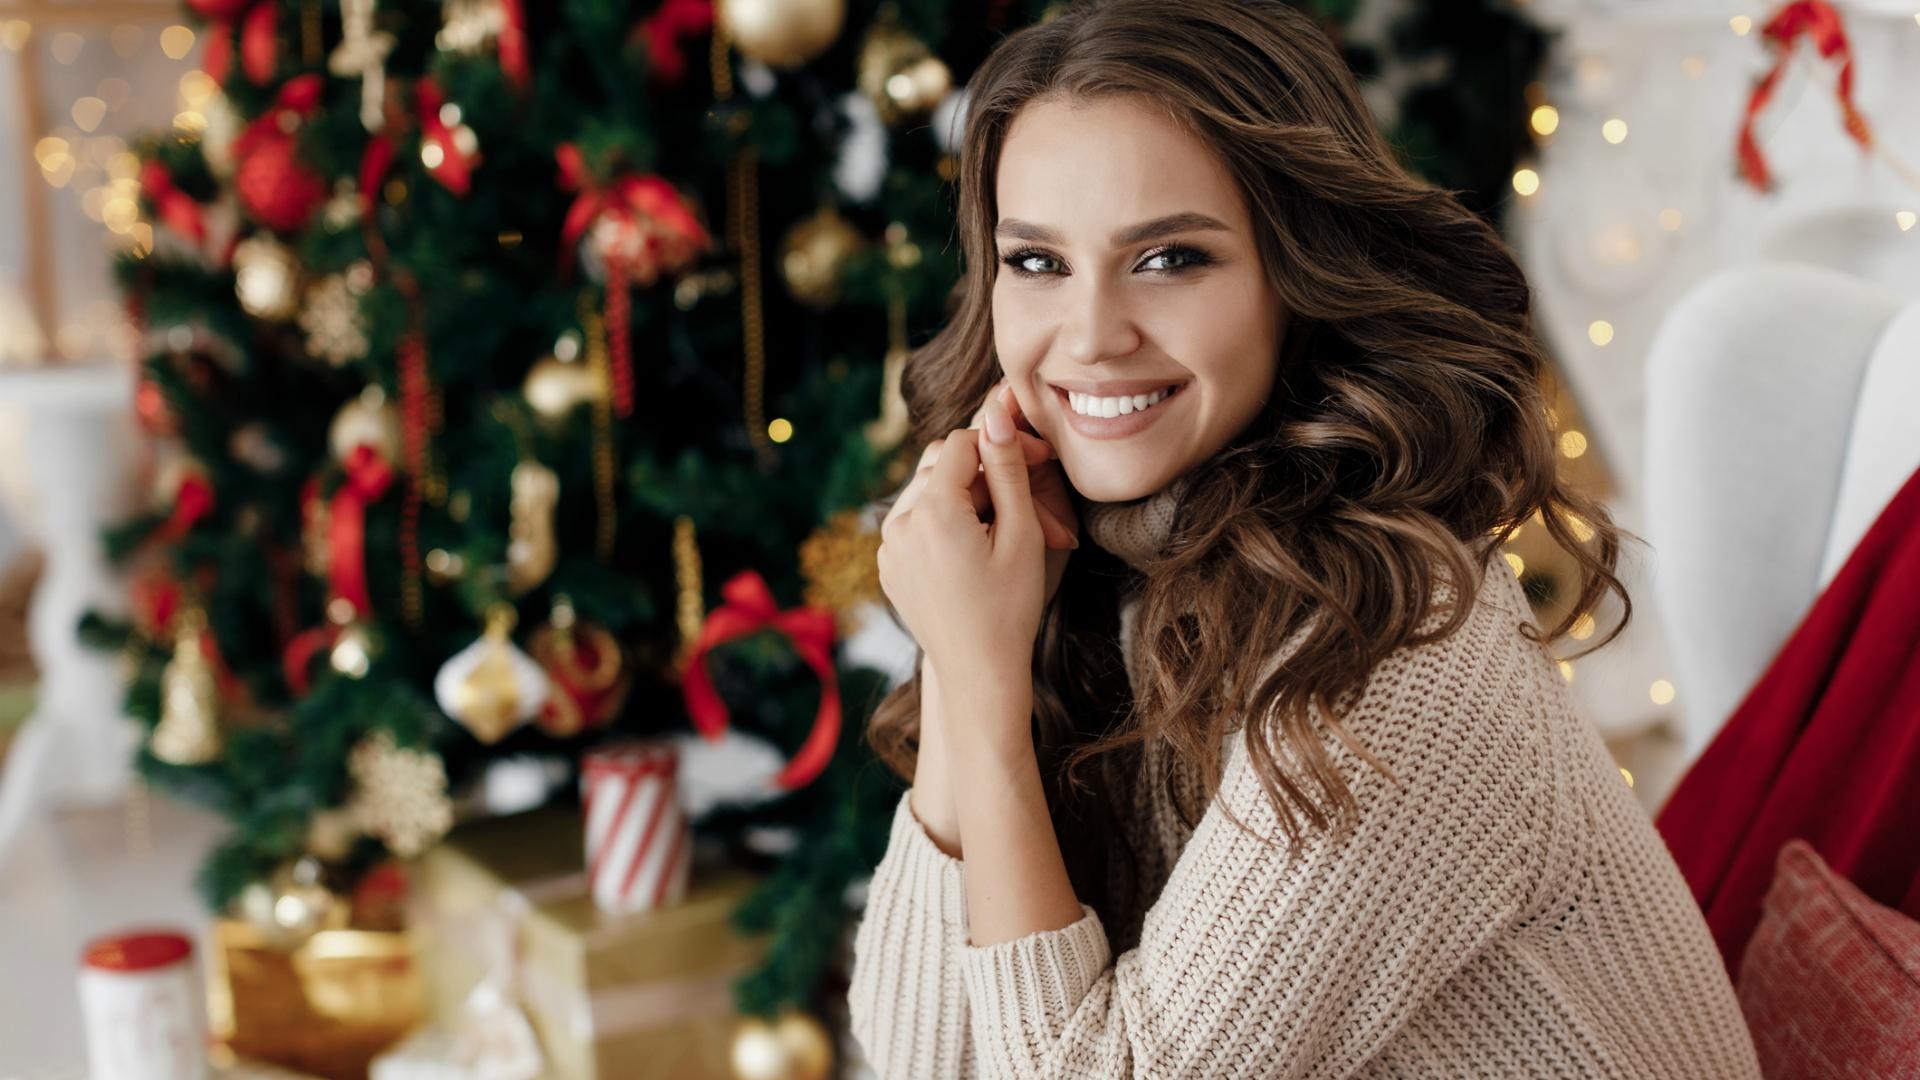 Szukasz prezentu na święta? Ten pomysł będzie zawsze trafiony!